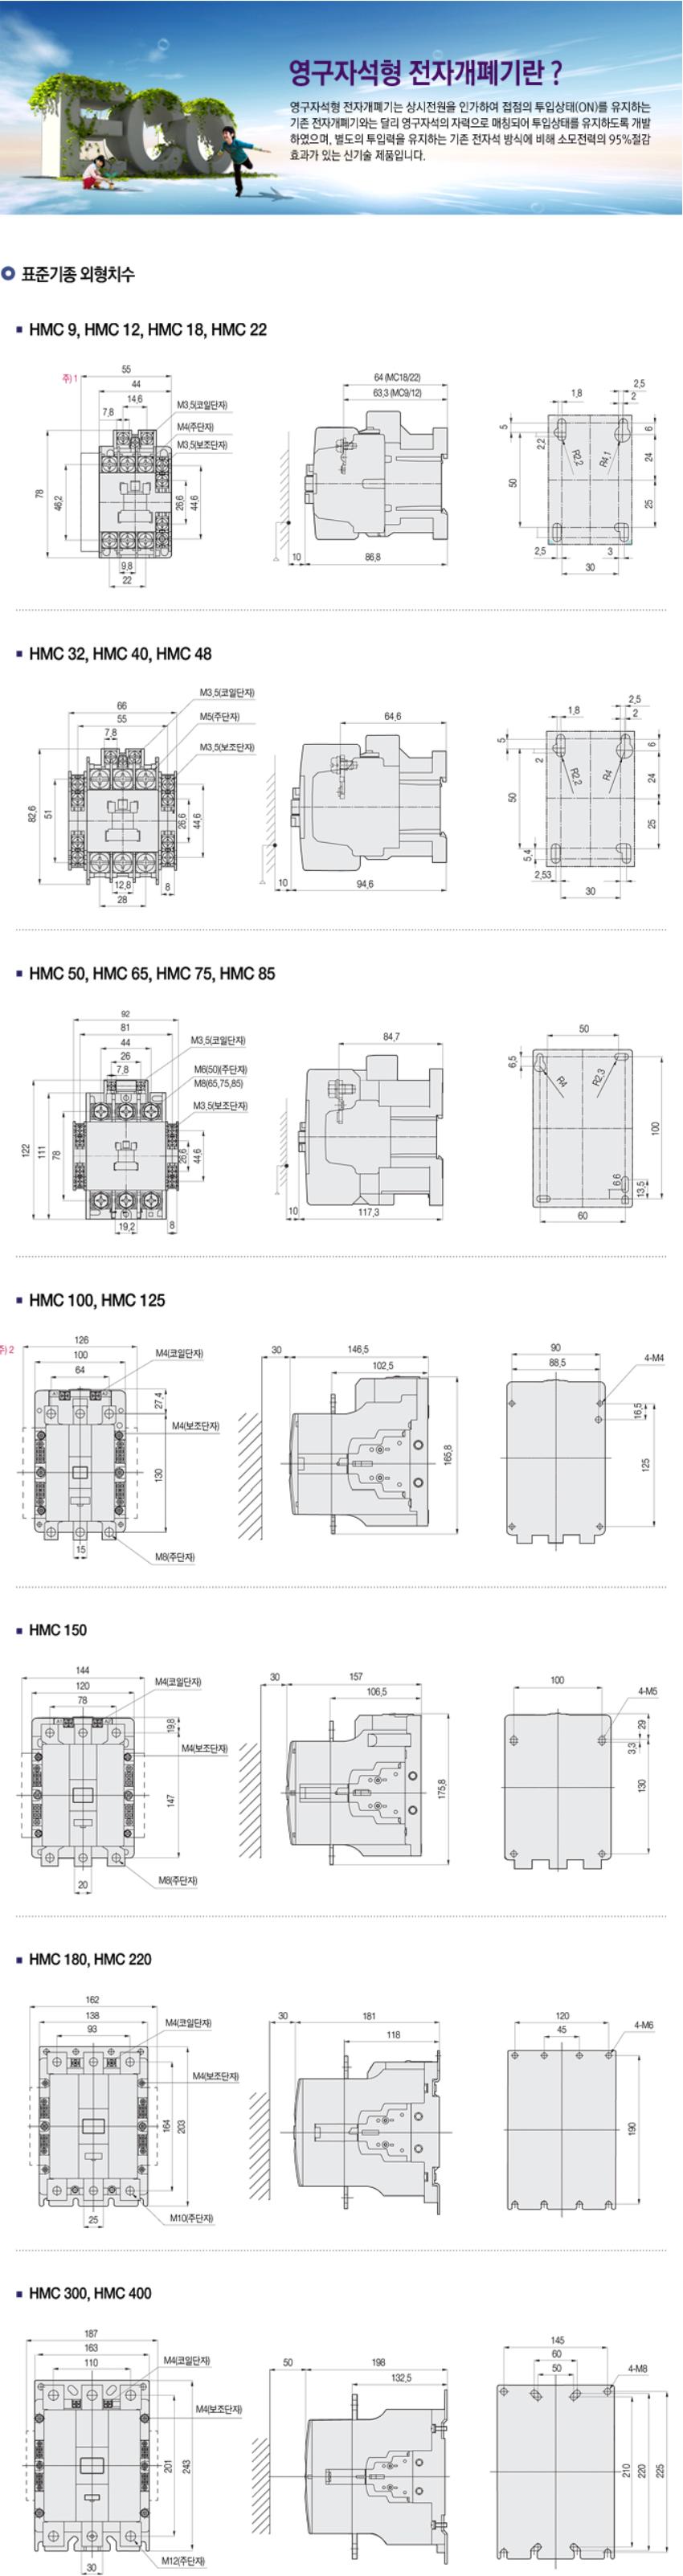 한광전기공업(주) 영구자석형 전자개폐기  5